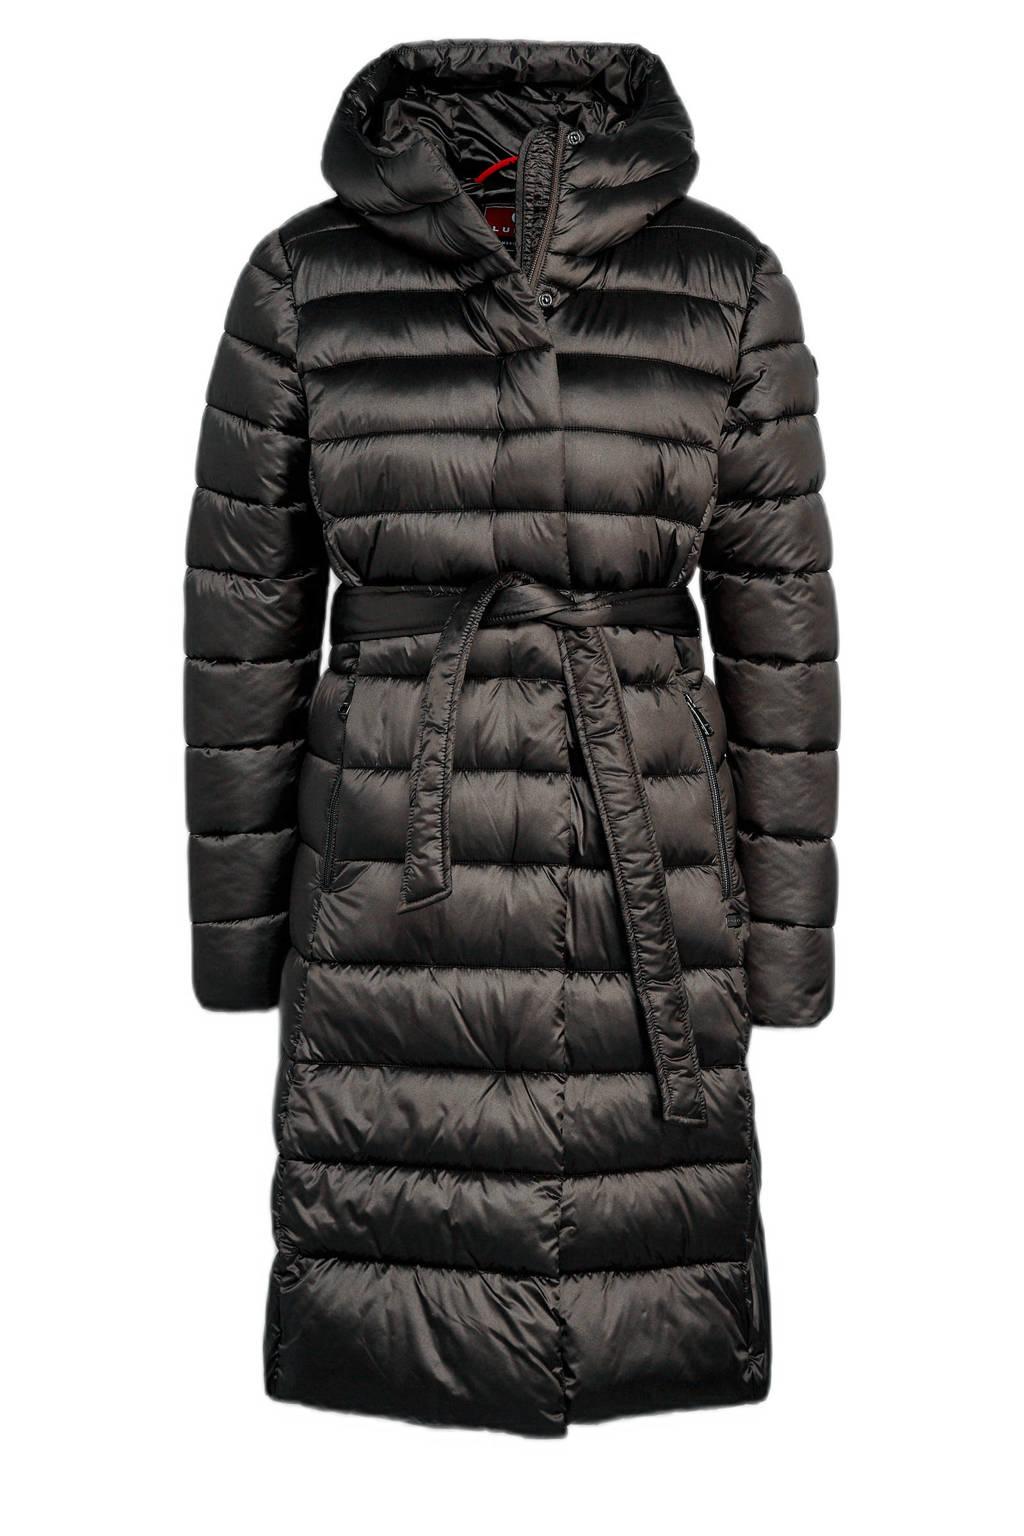 Luhta outdoorjas Hiidis zwart, Zwart